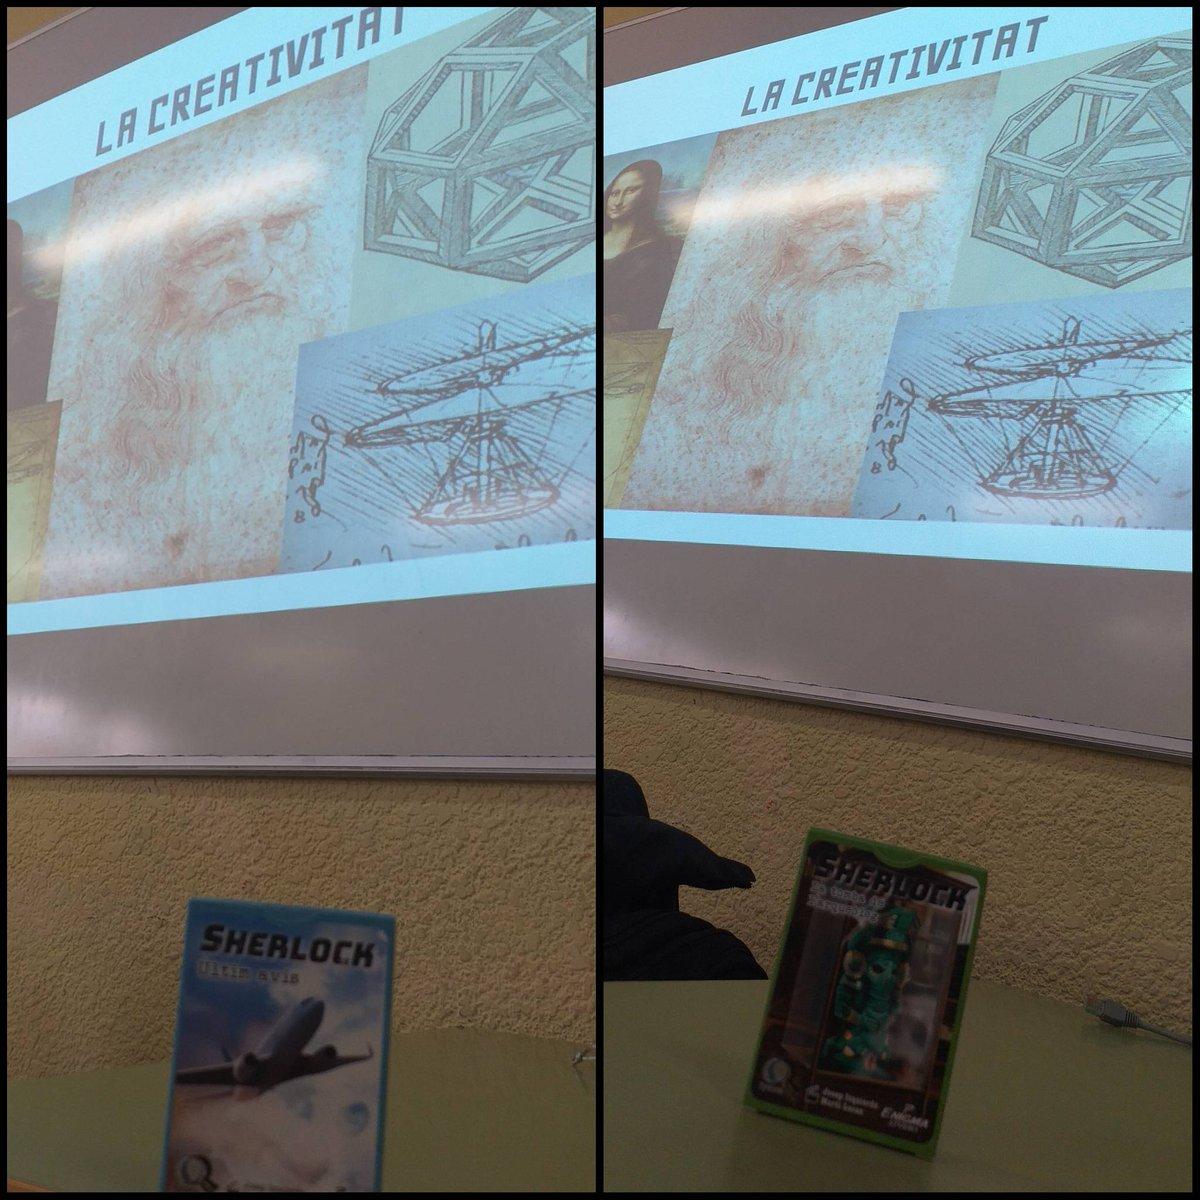 Dando talleres sobre Creatividad a alumnos de secundaria con la ayuda de los juegos Sherlock. #juegosdemesa #jocsdetaula #jocs #boardgames #brettspiele #jeuxdesociete pic.twitter.com/xP8bCKpUkm